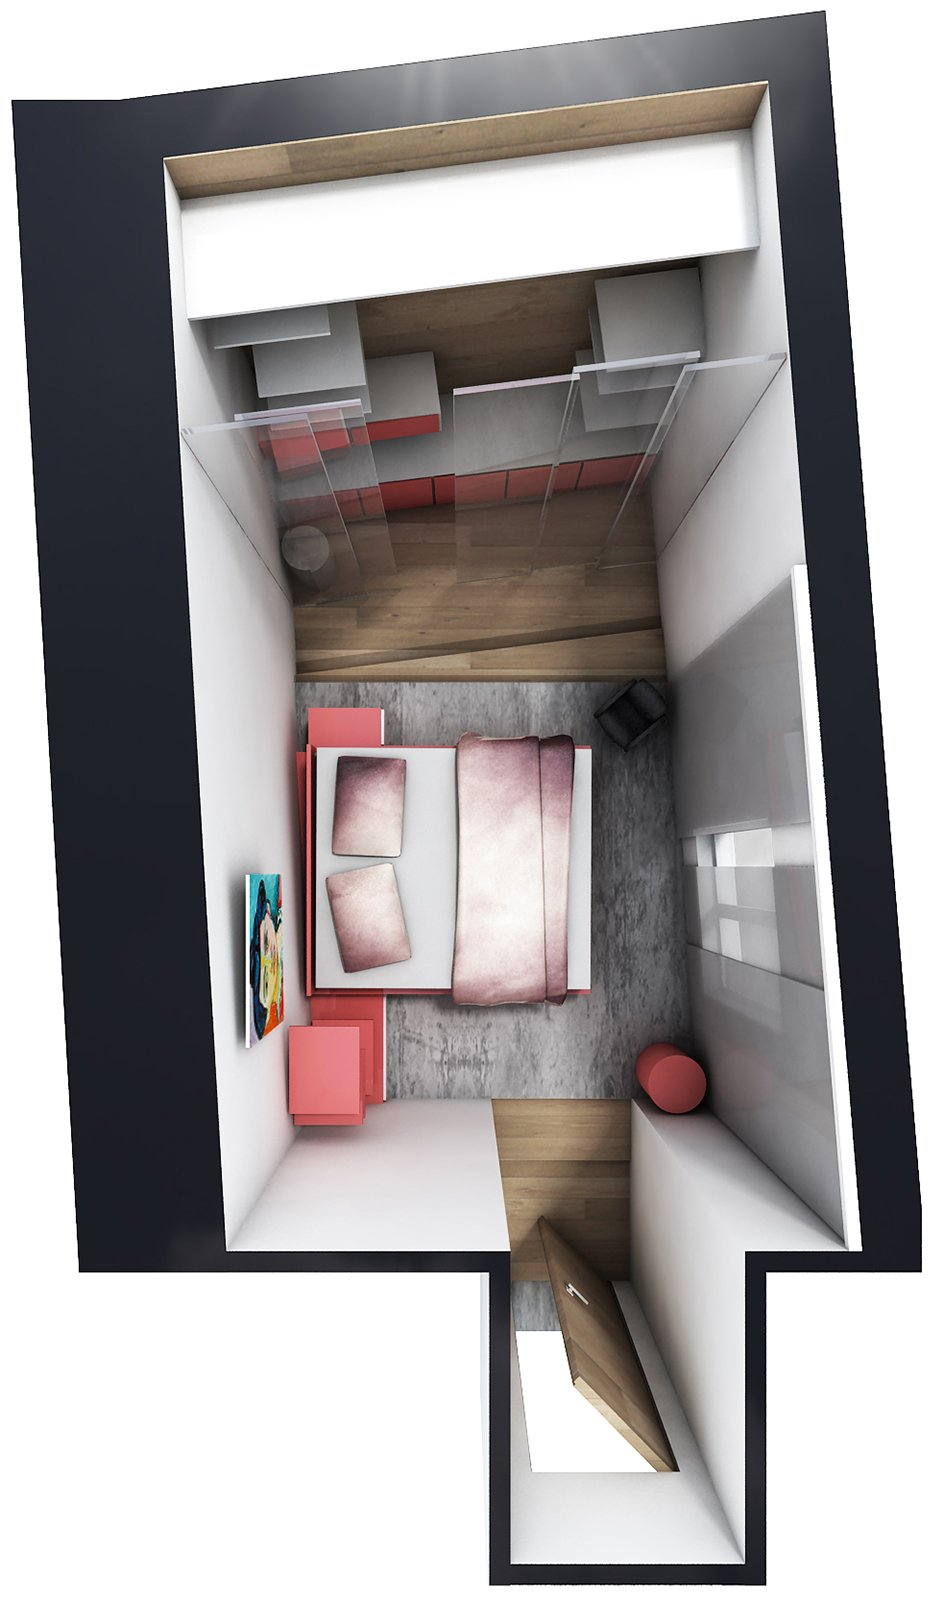 Camera irregolare lunga e stretta come la arredo cose for Camera letto stretta e lunga